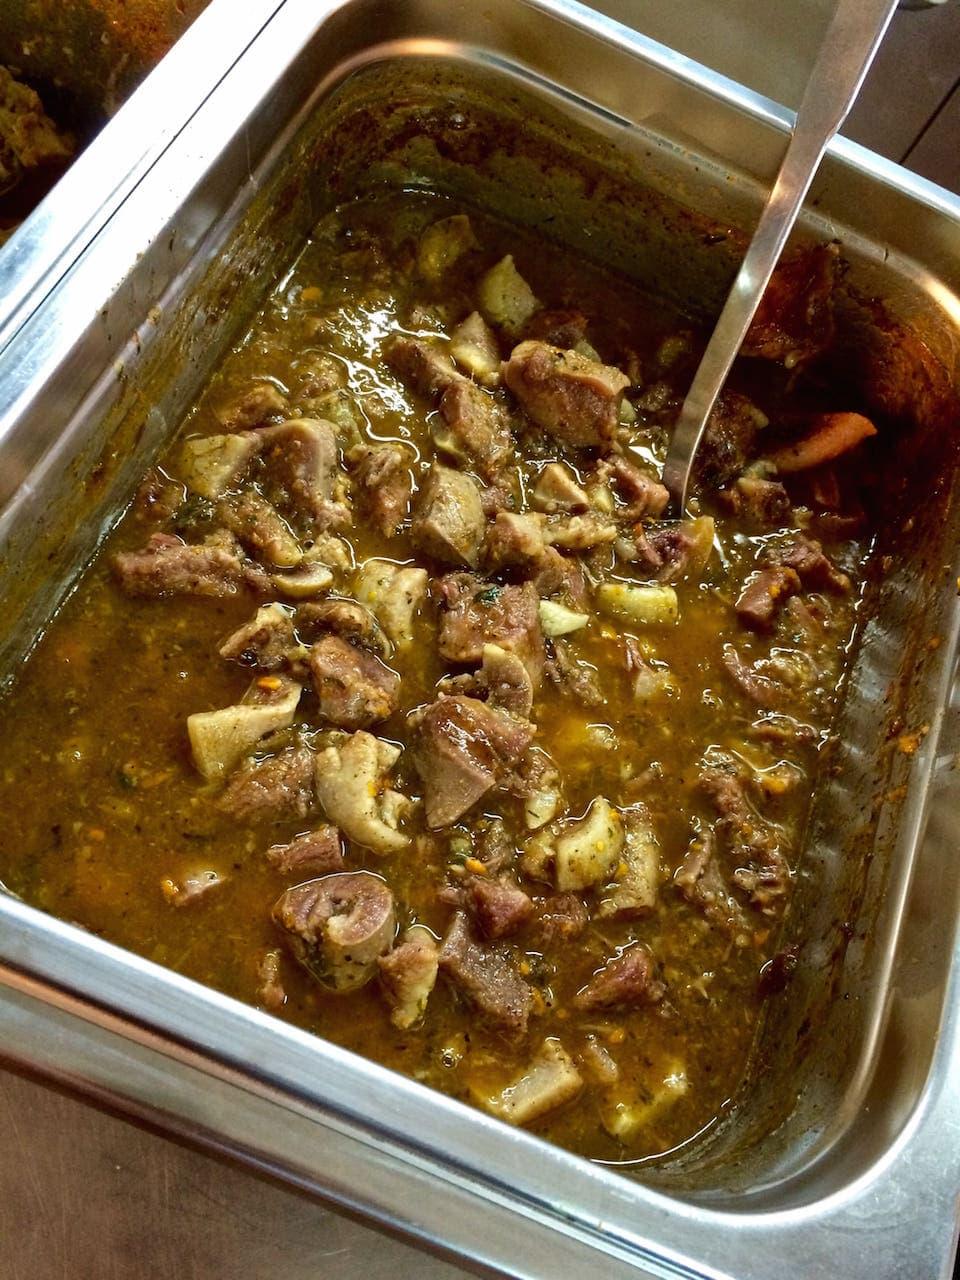 I grifi all'aretina cucinati secondo la tradizione all'Antica festa del Tegame di Monte sopra Rondine